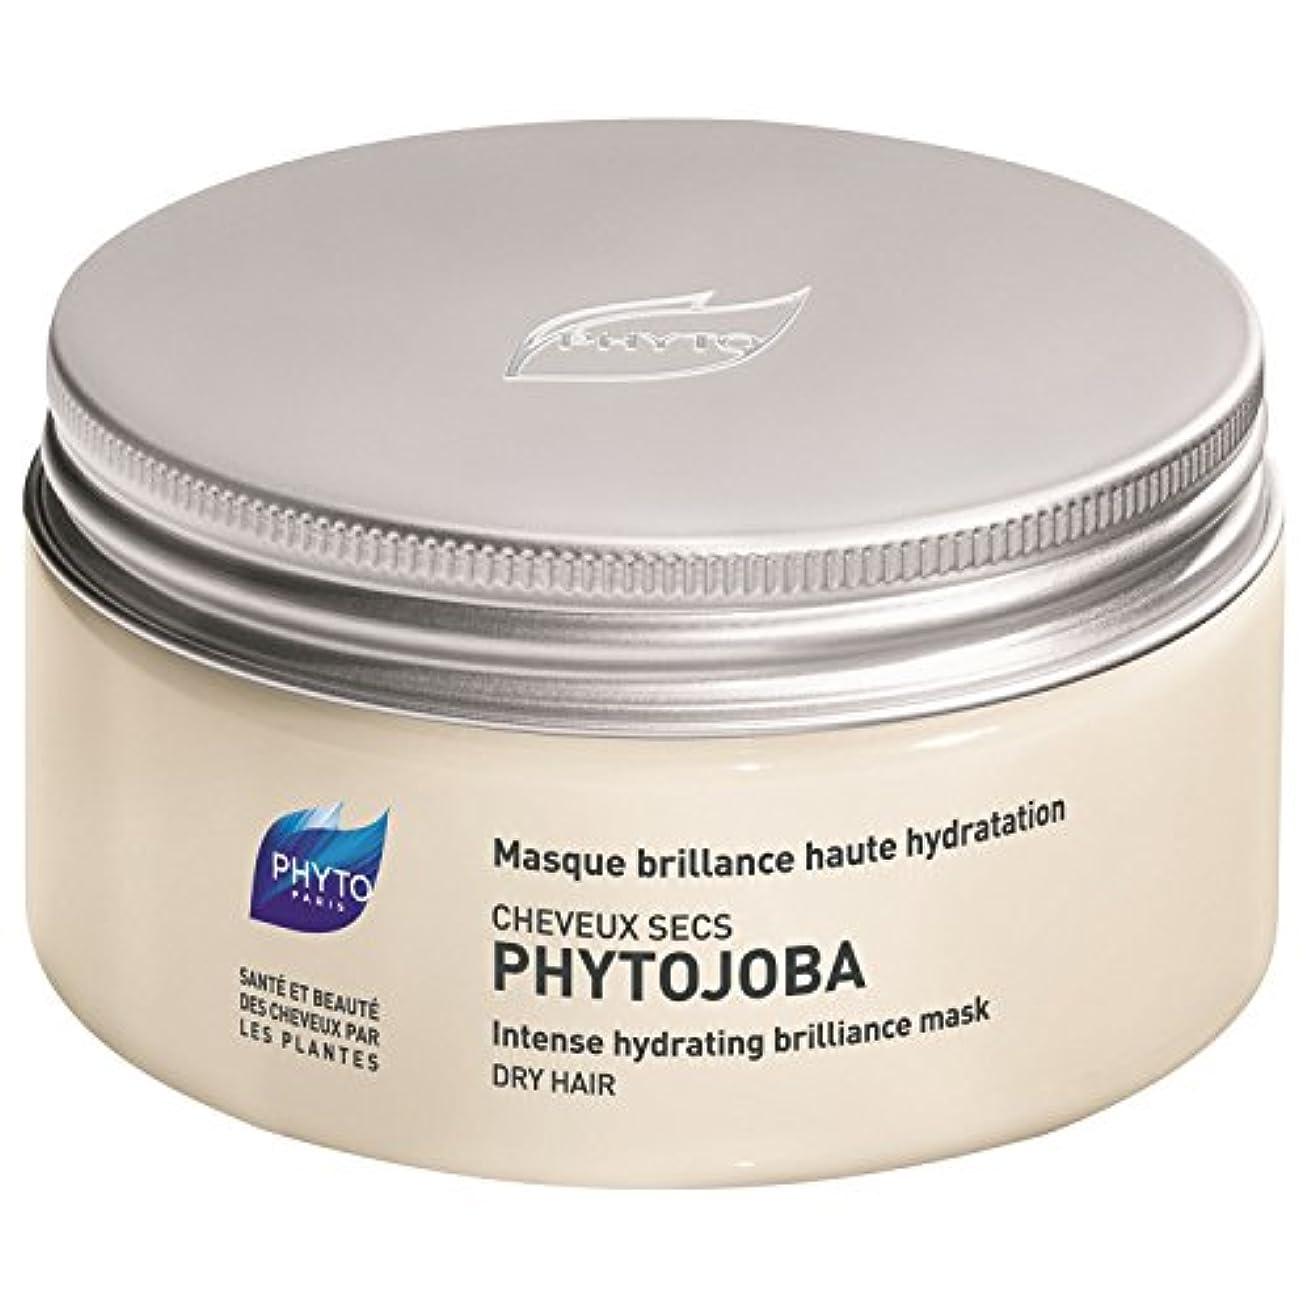 枢機卿翻訳者うるさいフィトPhytojoba強烈な水分補給マスク200ミリリットル (Phyto) (x2) - Phyto Phytojoba Intense Hydrating Mask 200ml (Pack of 2) [並行輸入品]